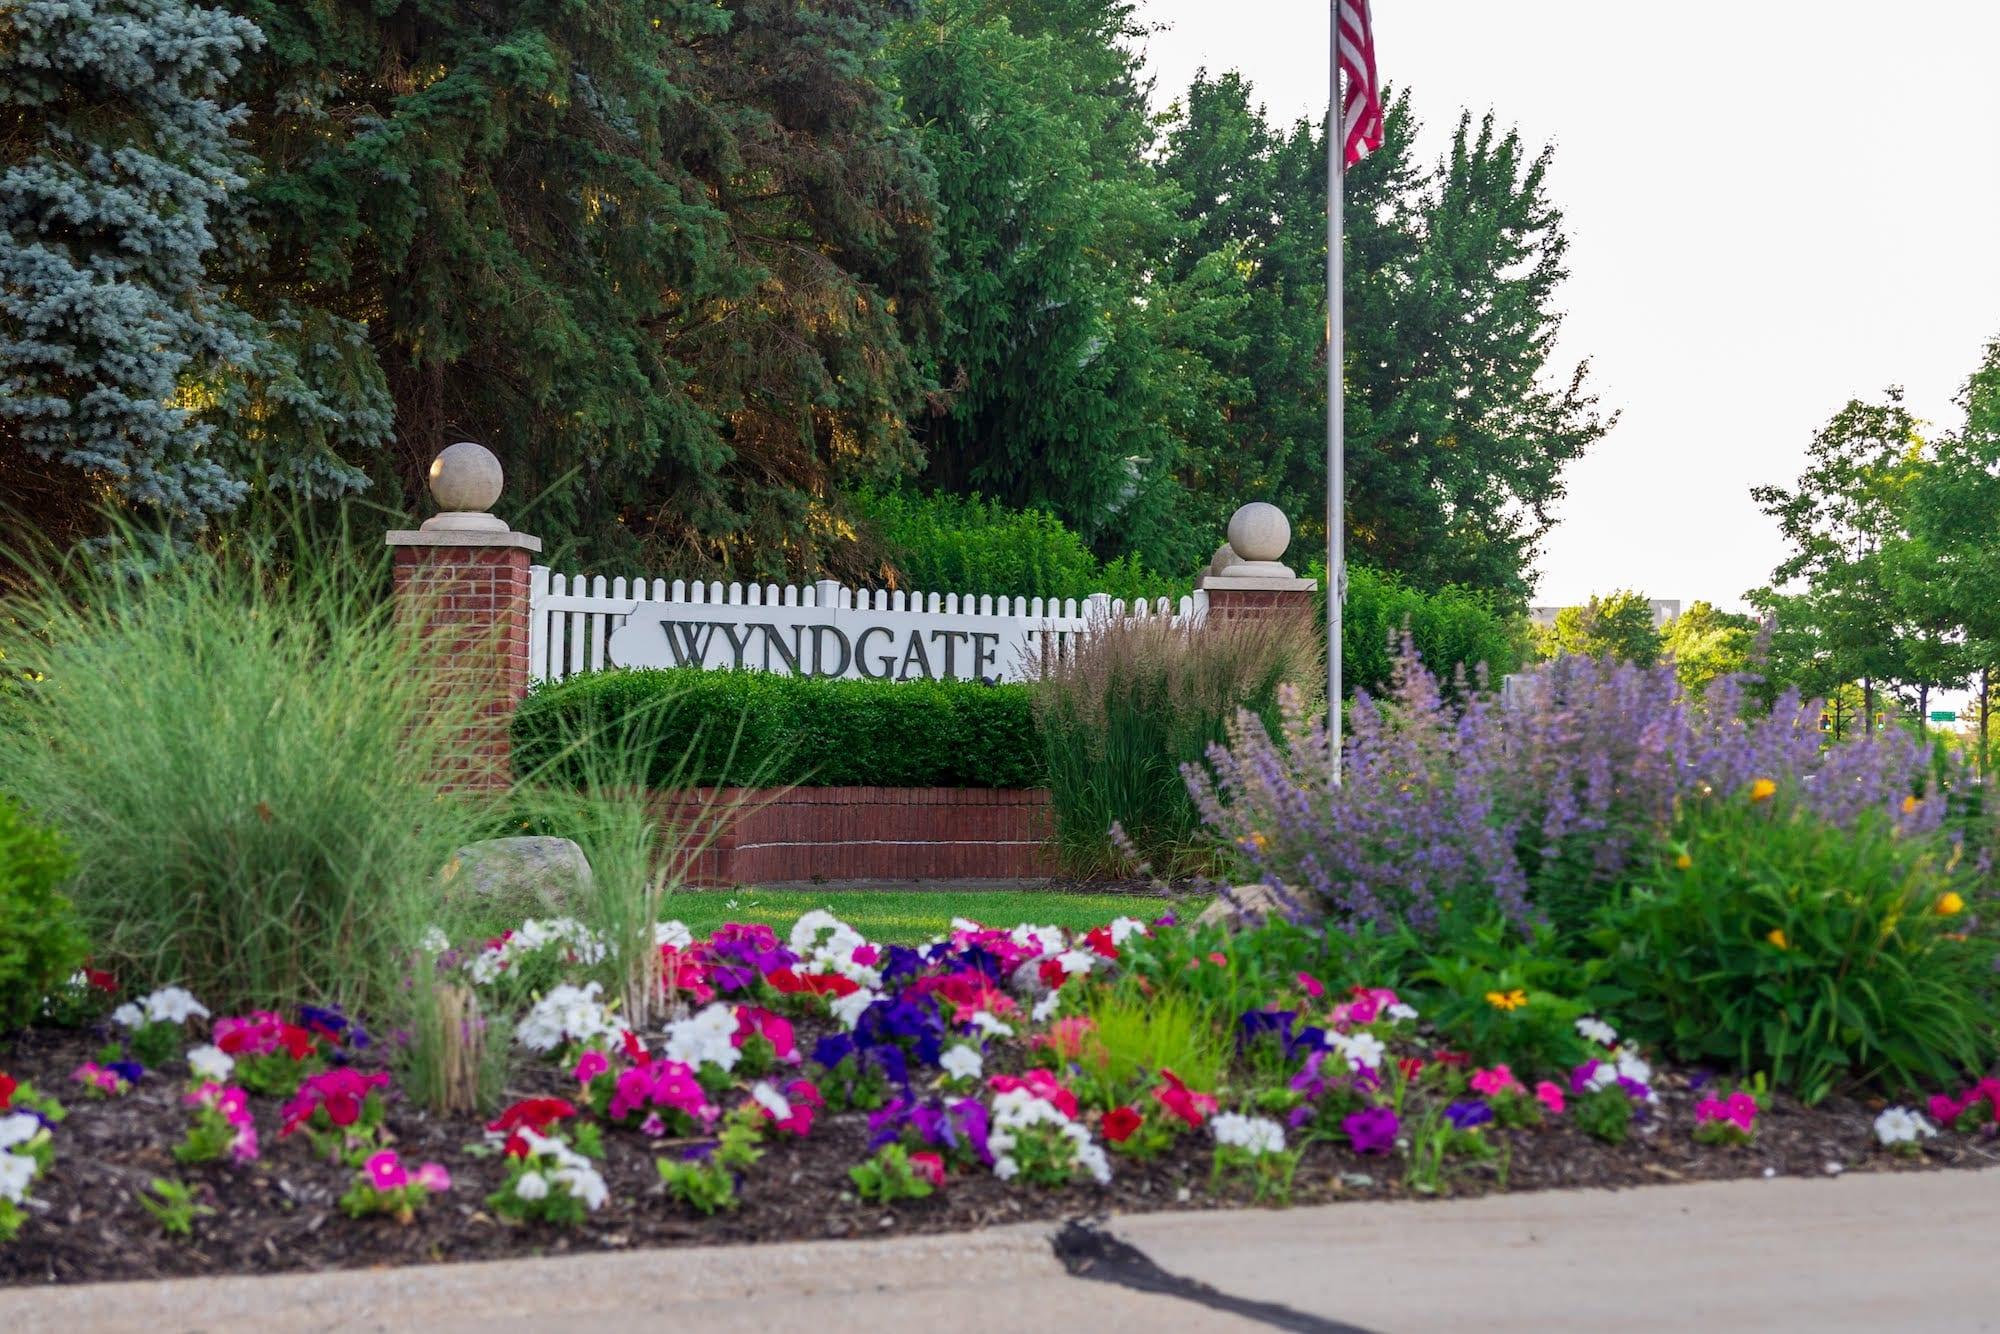 Wyndgate Westlake1